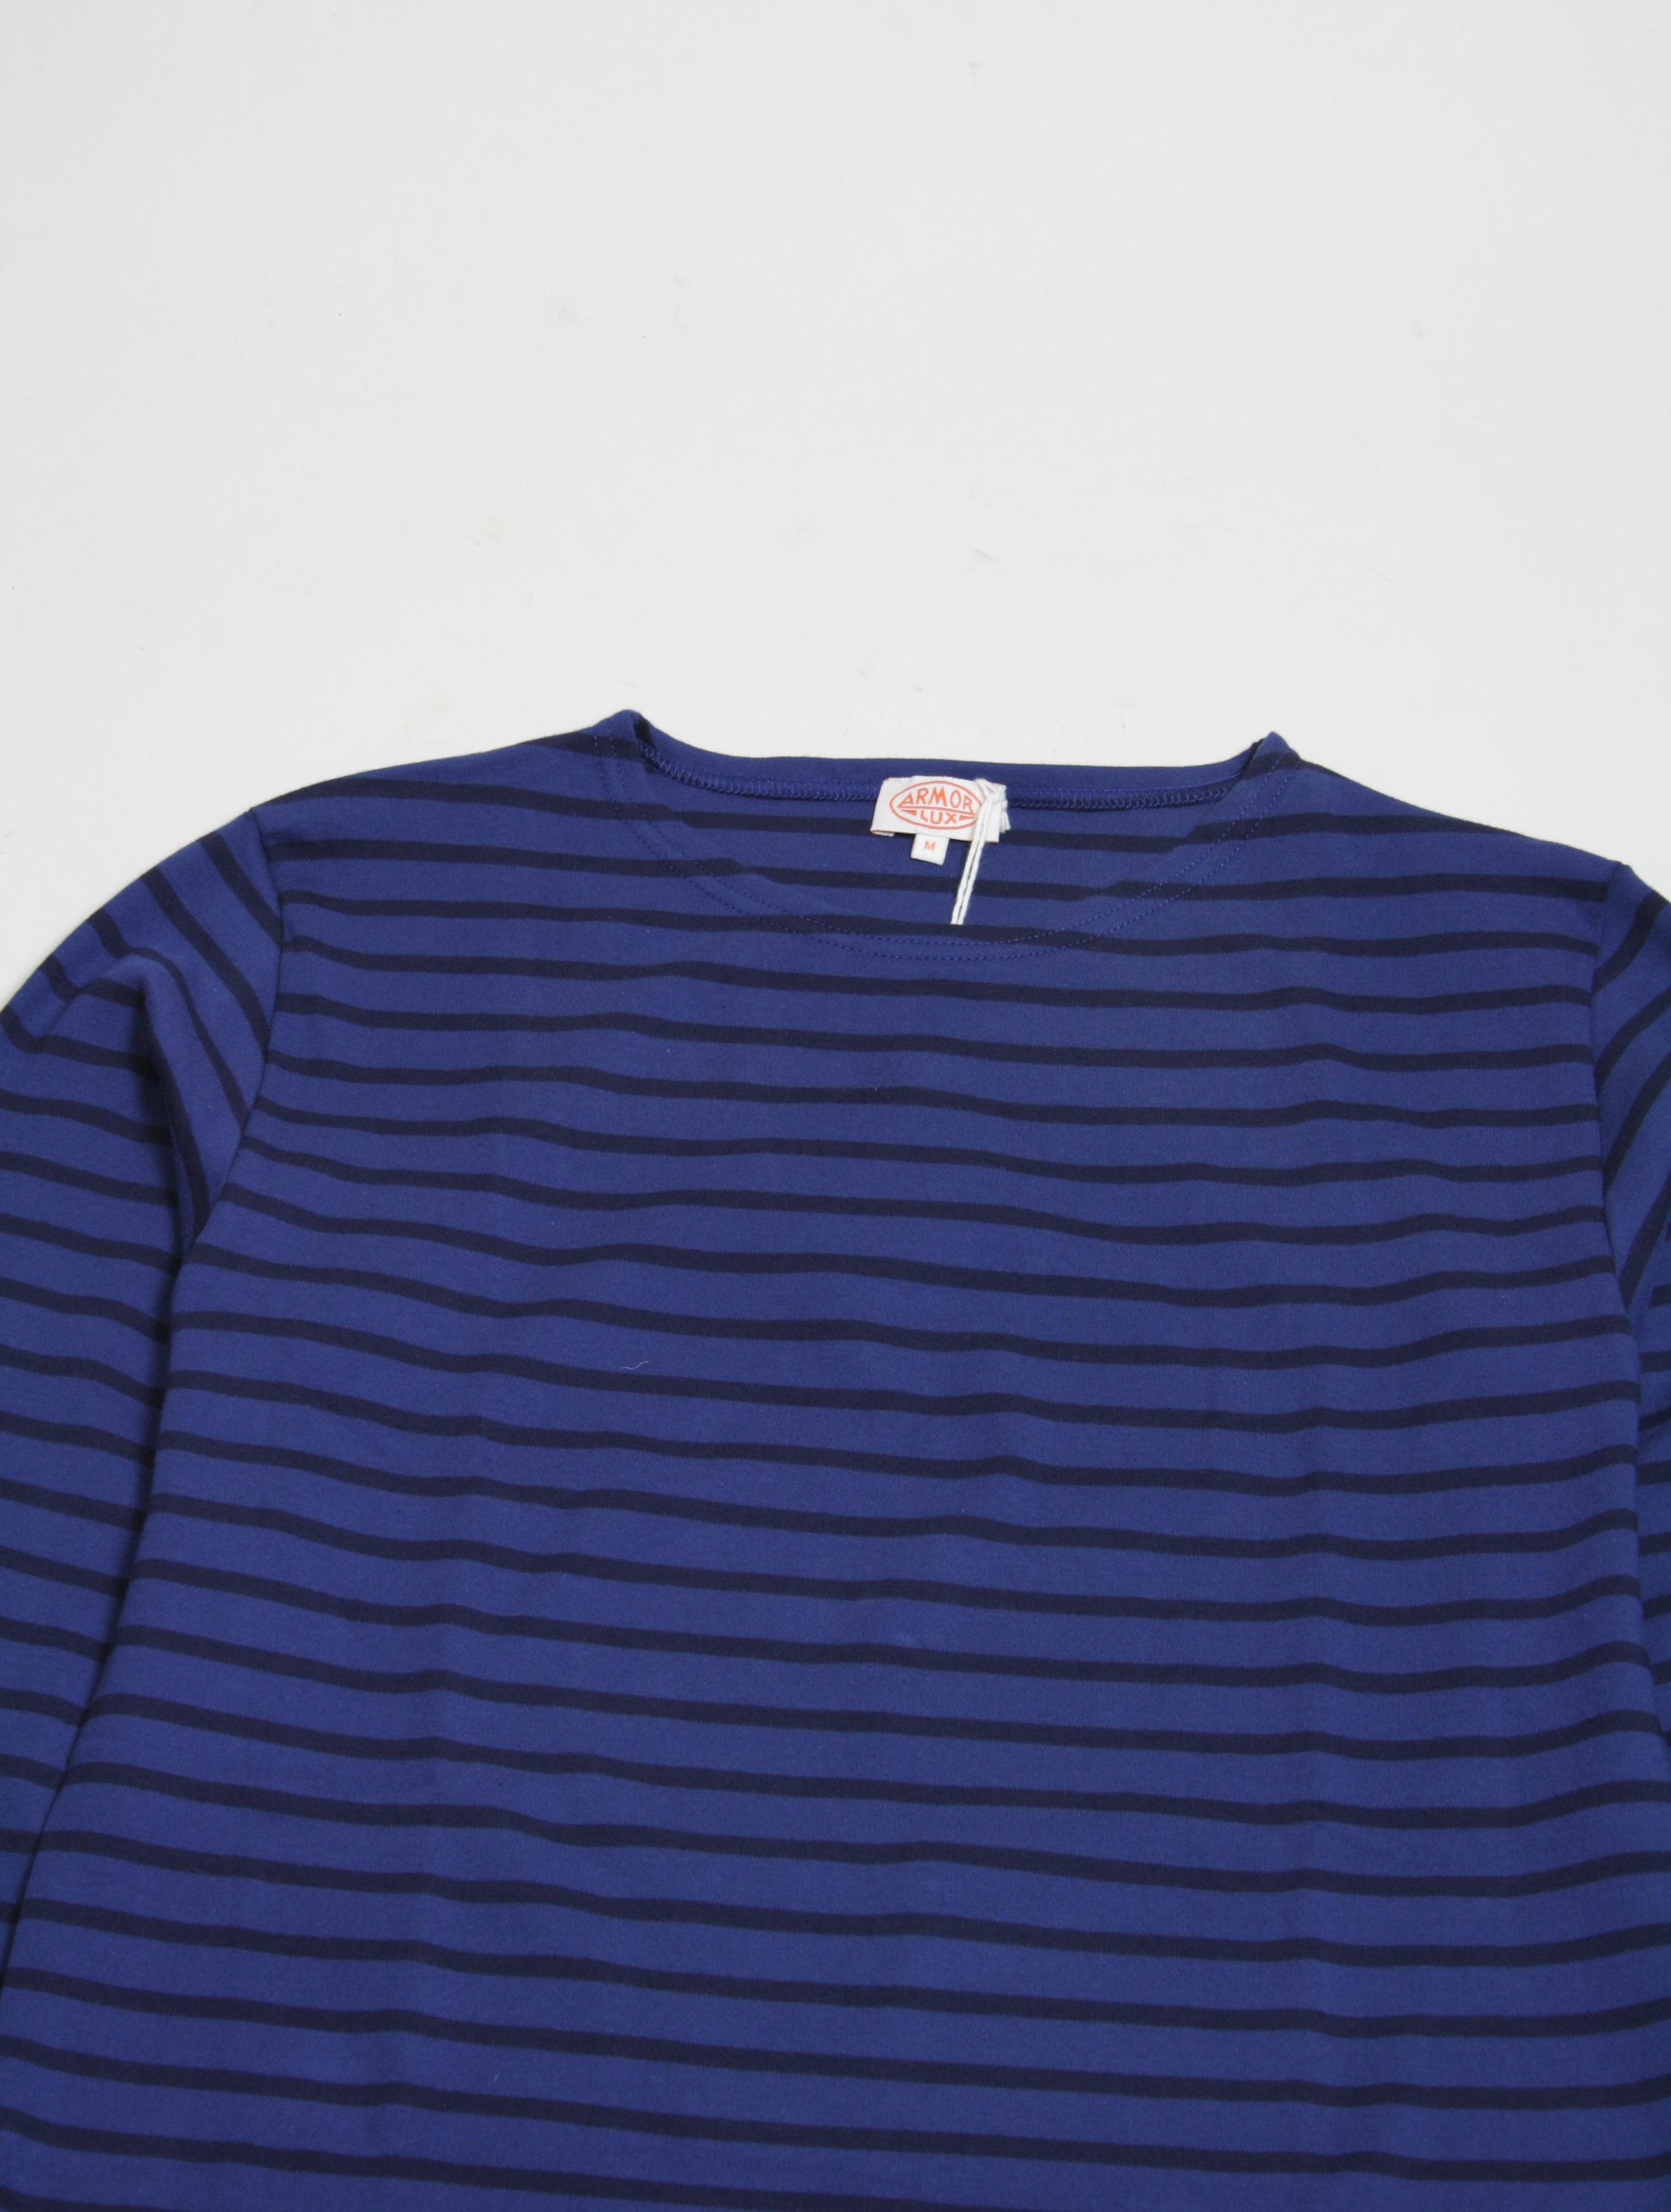 Armor Lux T-Shirt 2297 Polo Iroise dettaglio collo